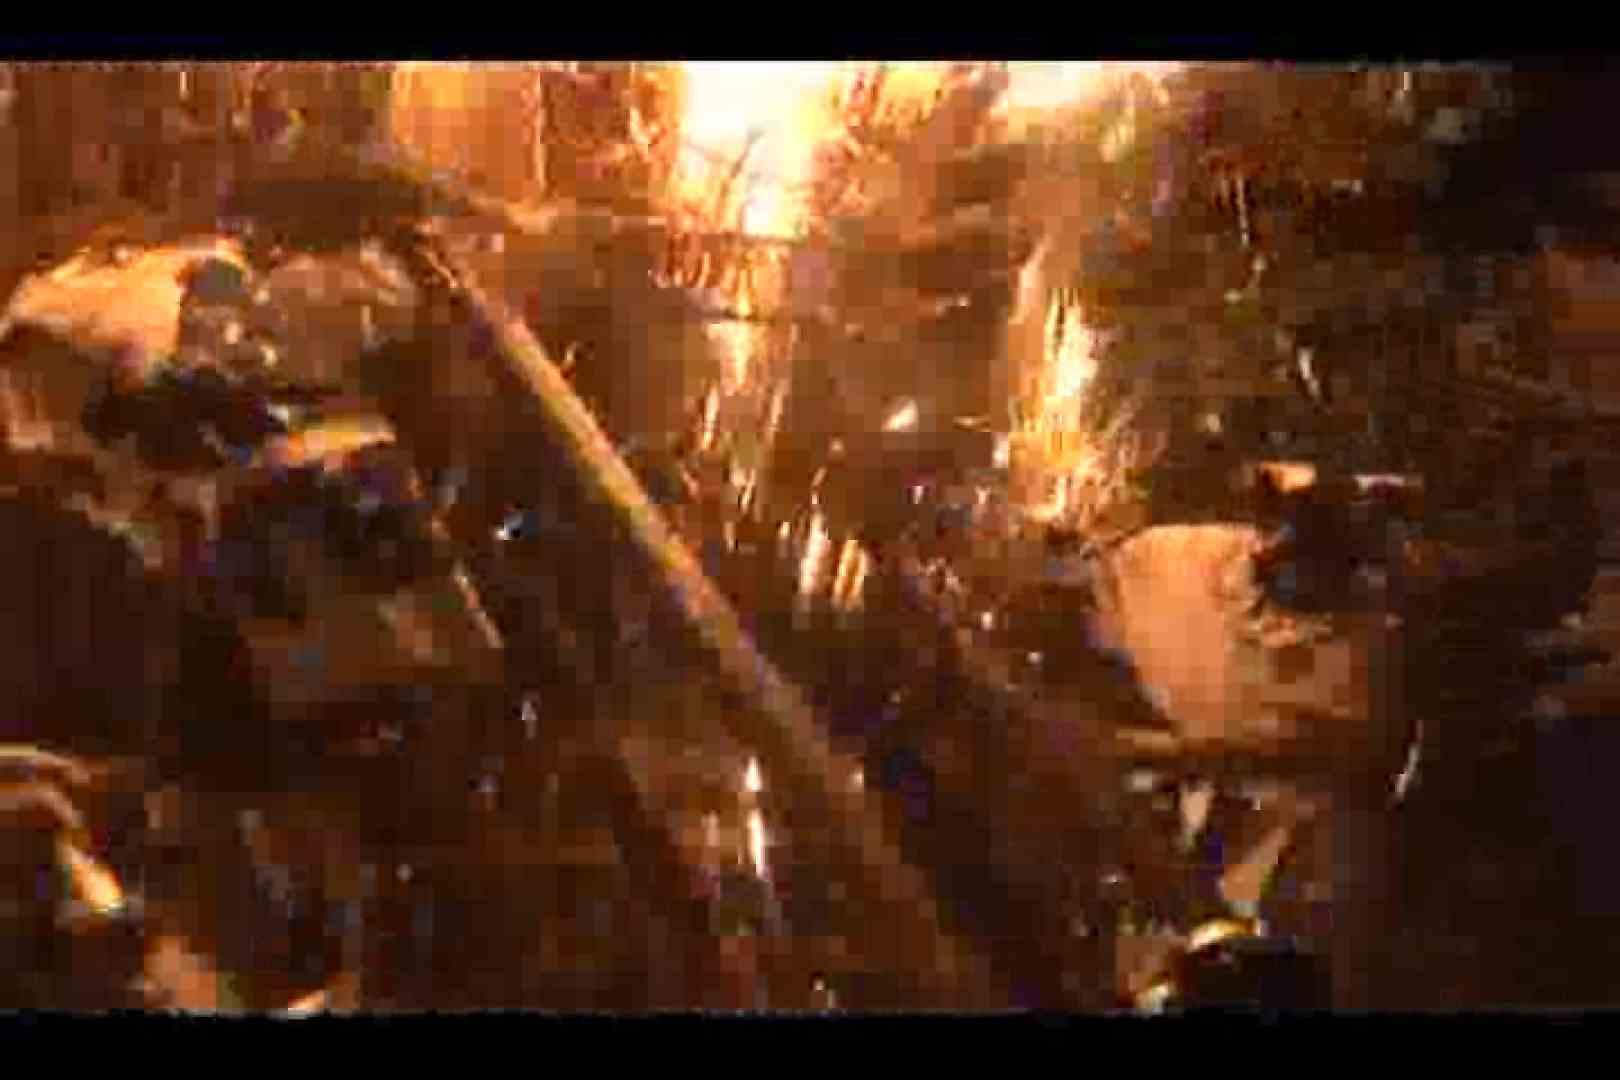 鳥羽の火祭り 3000K!高画質バージョンVOL.03 ノンケ ゲイ無修正画像 84枚 43